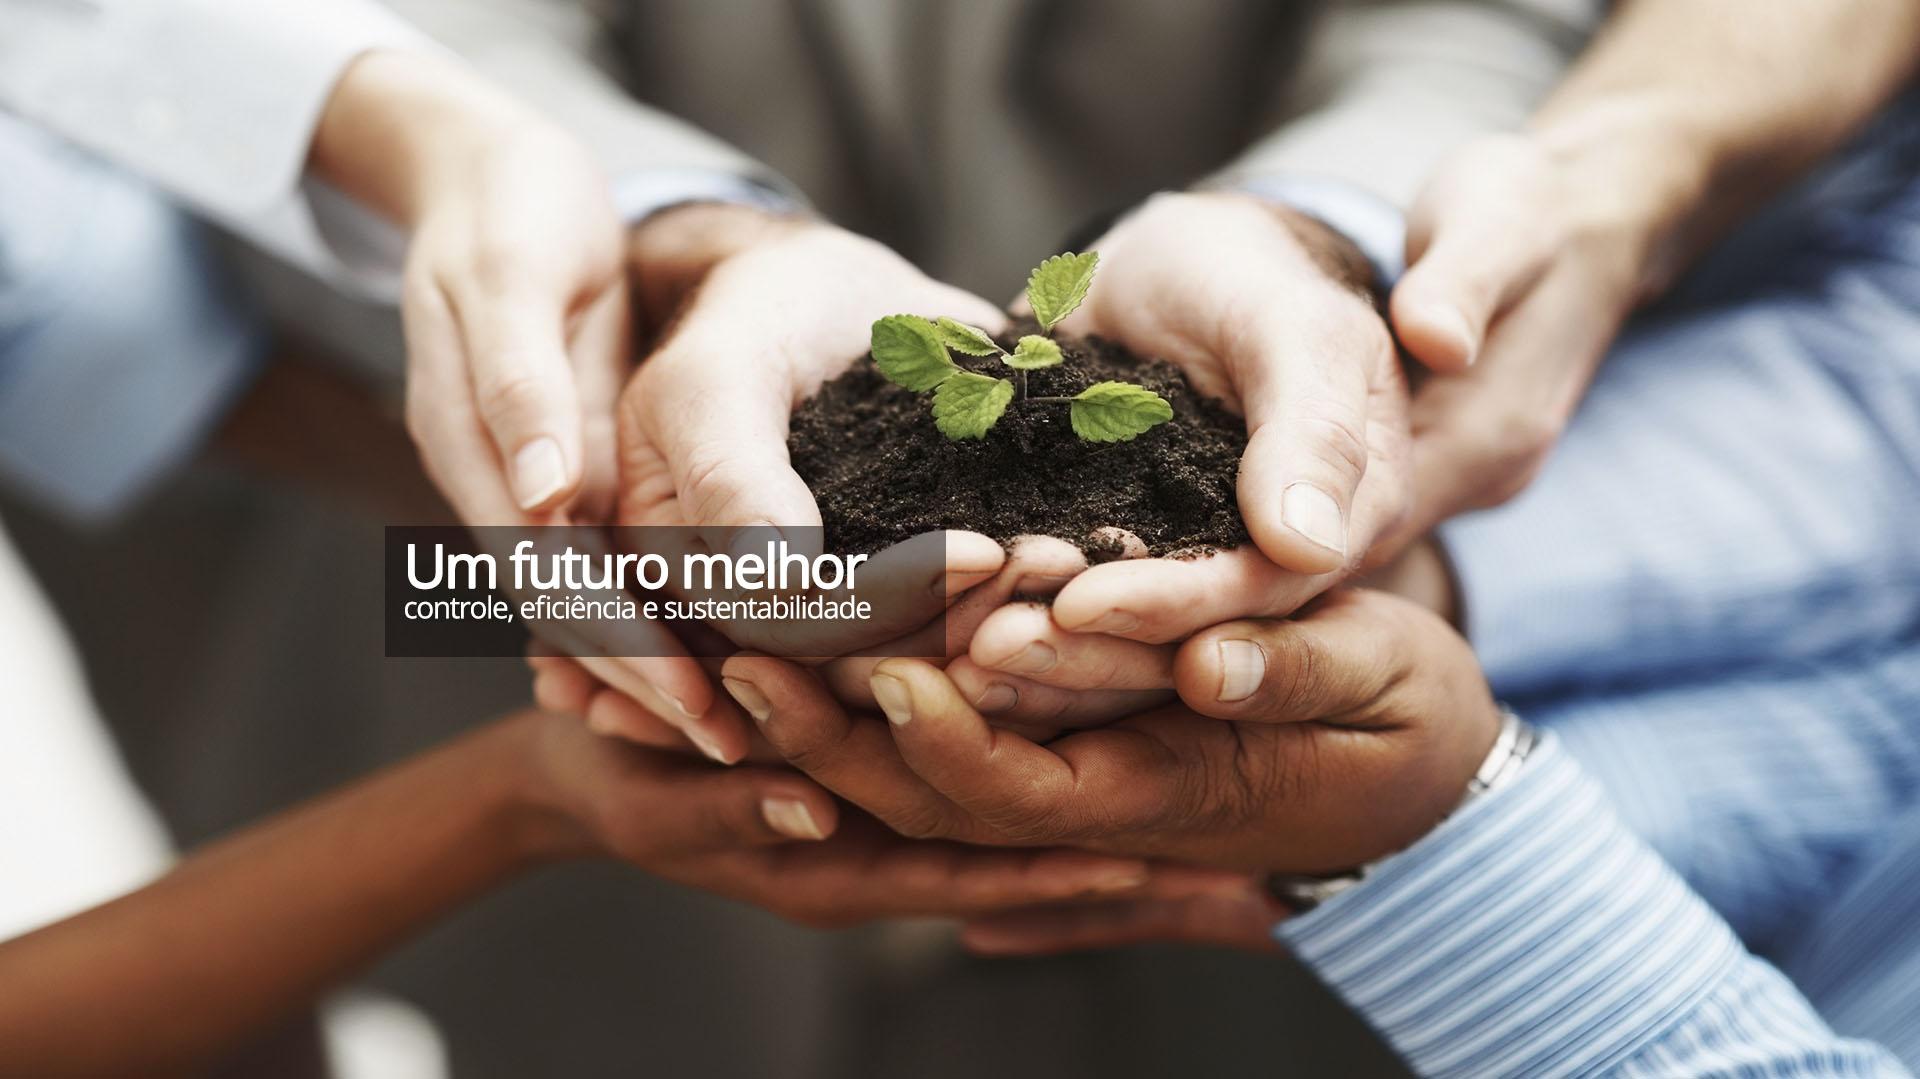 sustentabilidade-OlusAmerica